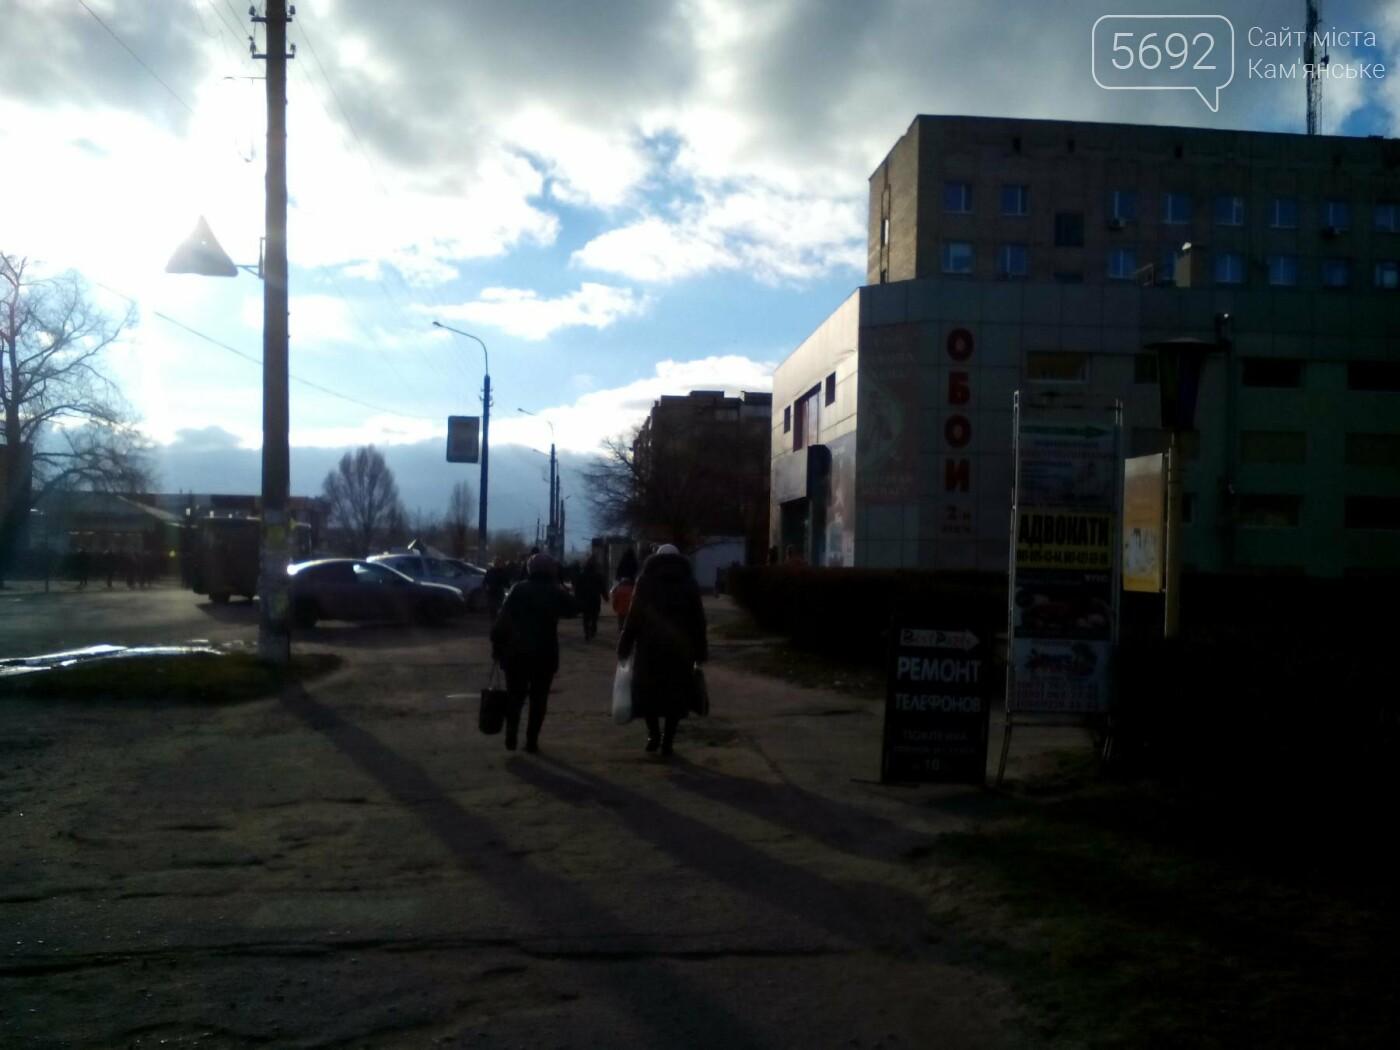 Вопреки прогнозам: в Каменское пришла весенняя погода, фото-1